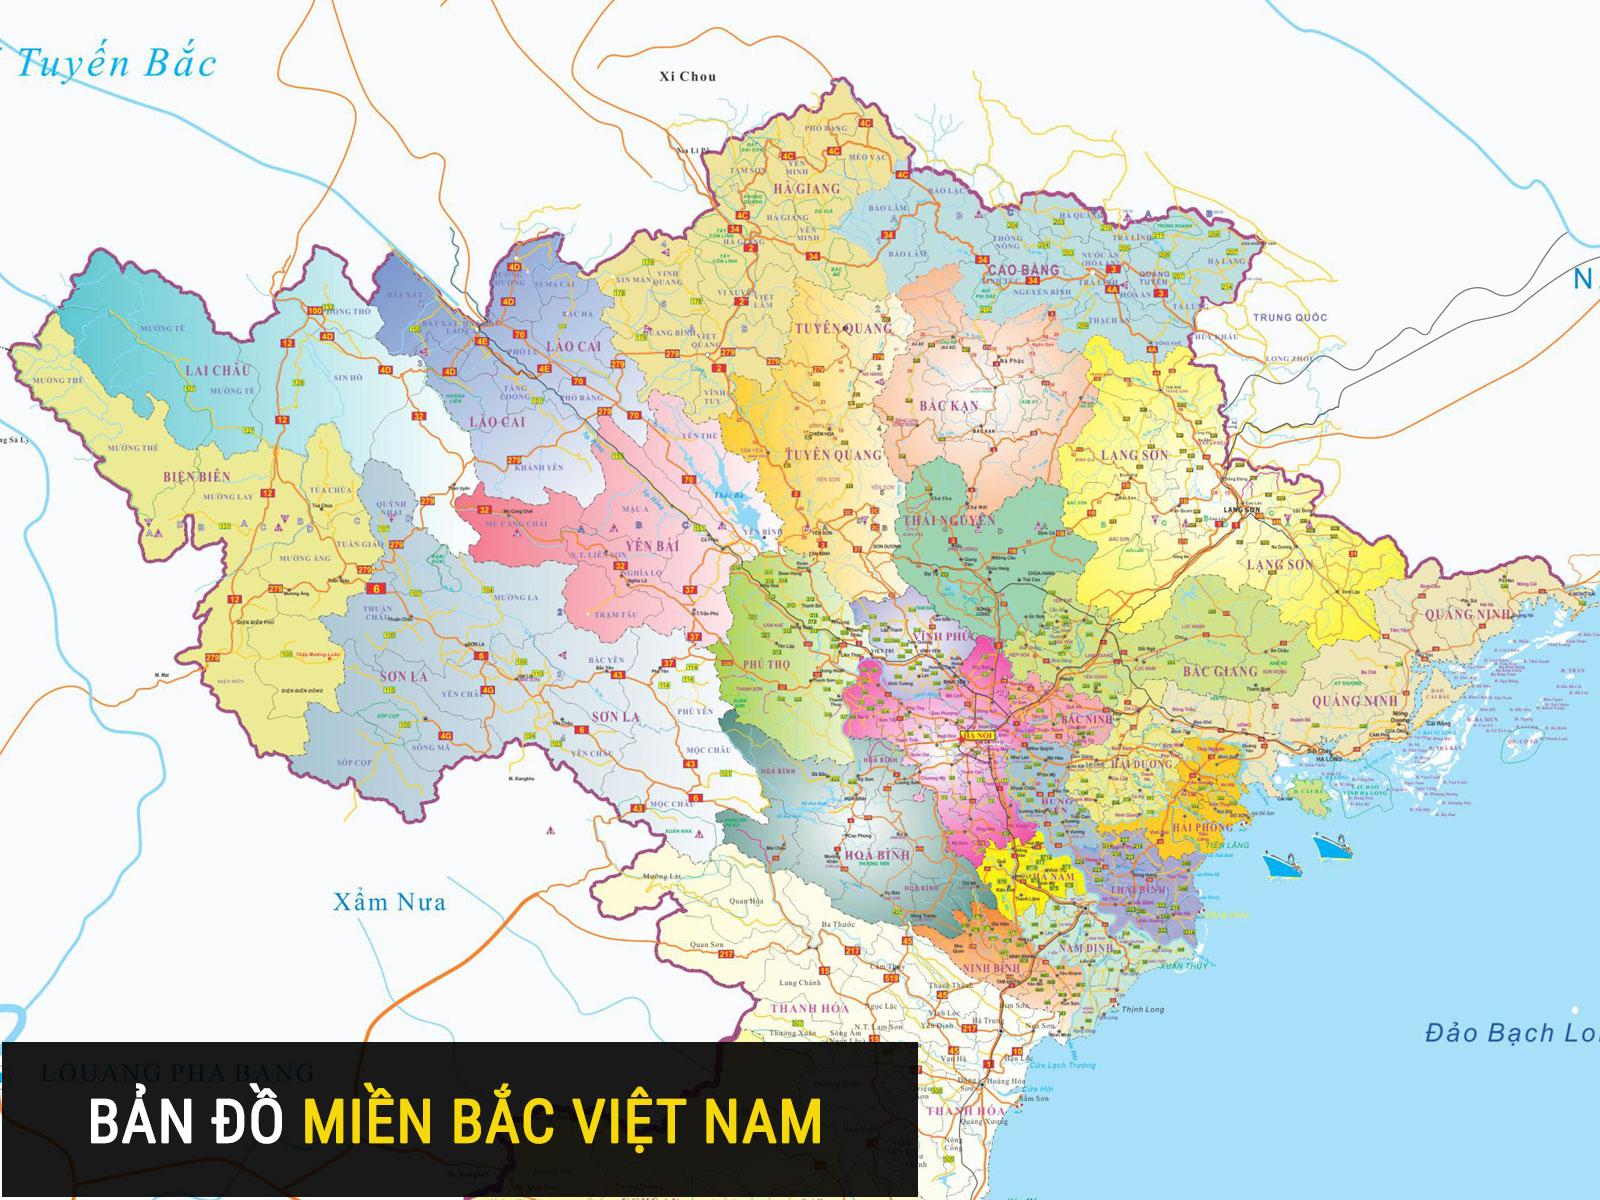 Bản đồ Miền Bắc Bản đồ Cac Tỉnh Thanh Miền Bắc Việt Nam